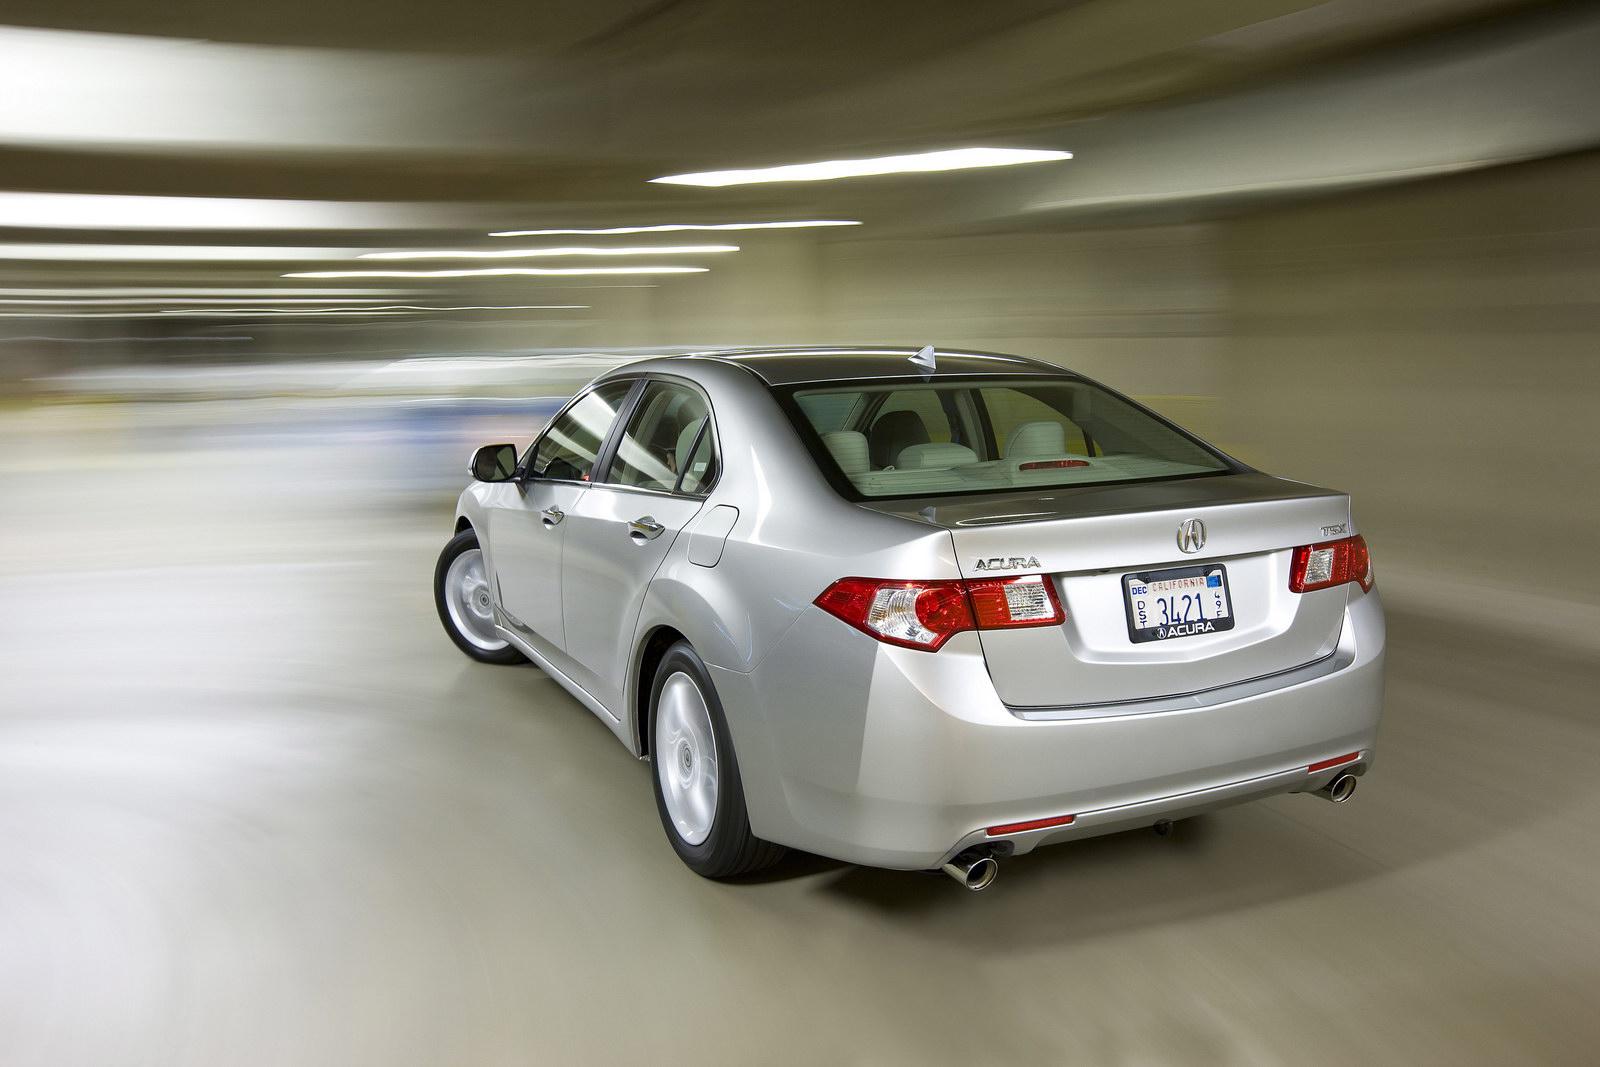 Acura TSX получает Топ Рейтинг безопасности в NHTSA и IIHS краш-тестов - фотография №5